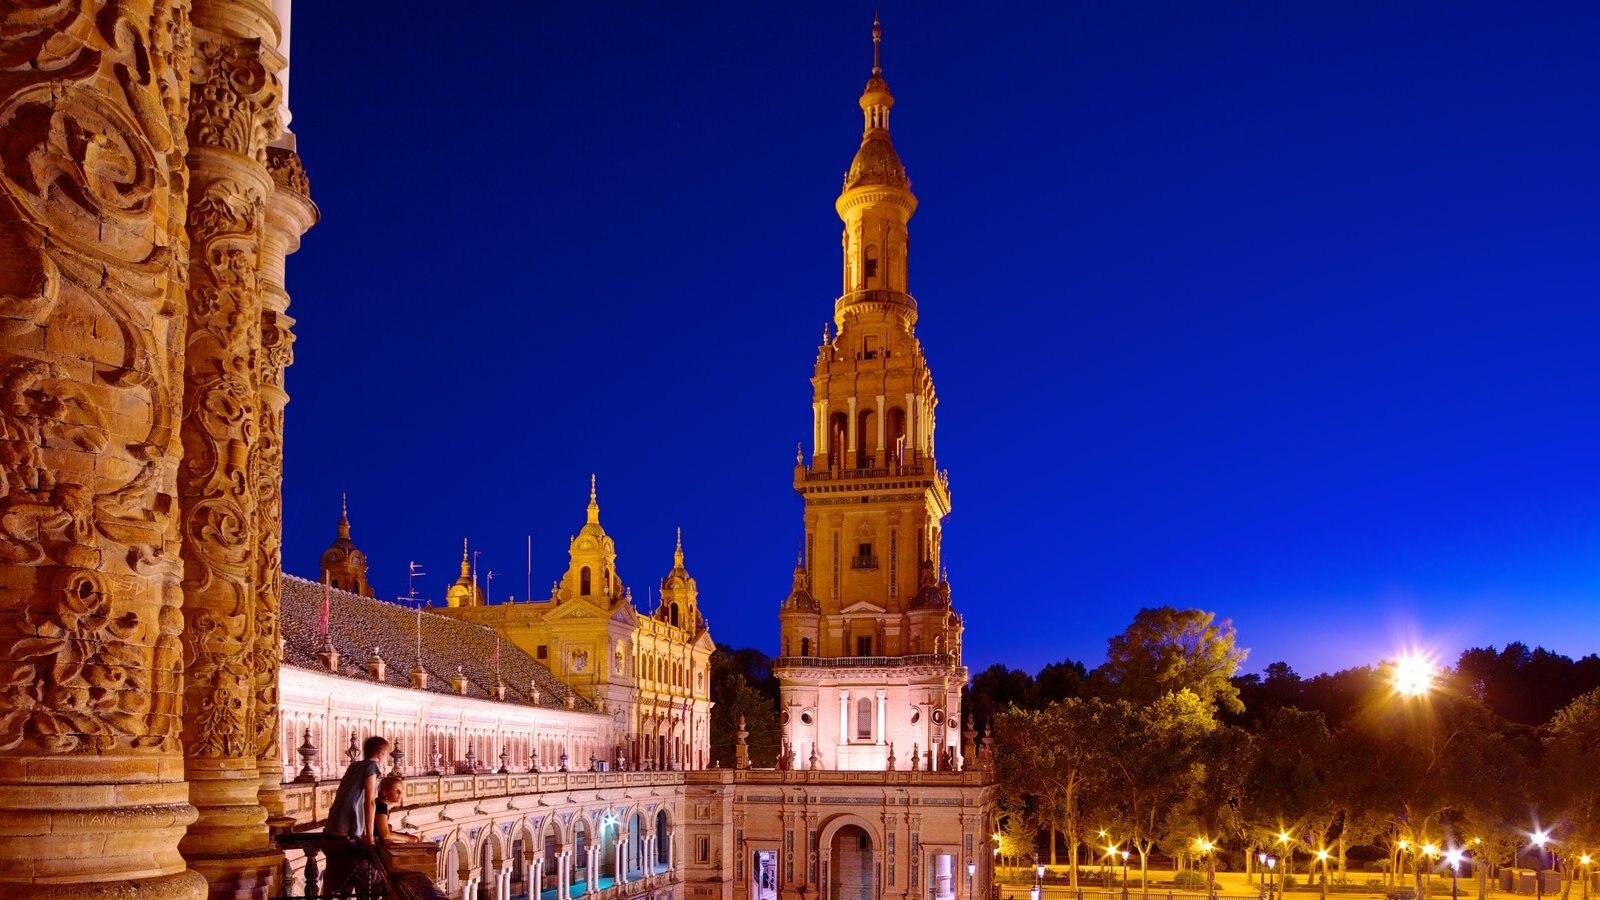 Plaza de España que inclui arquitetura de patrimônio, um pequeno castelo ou palácio e cenas noturnas